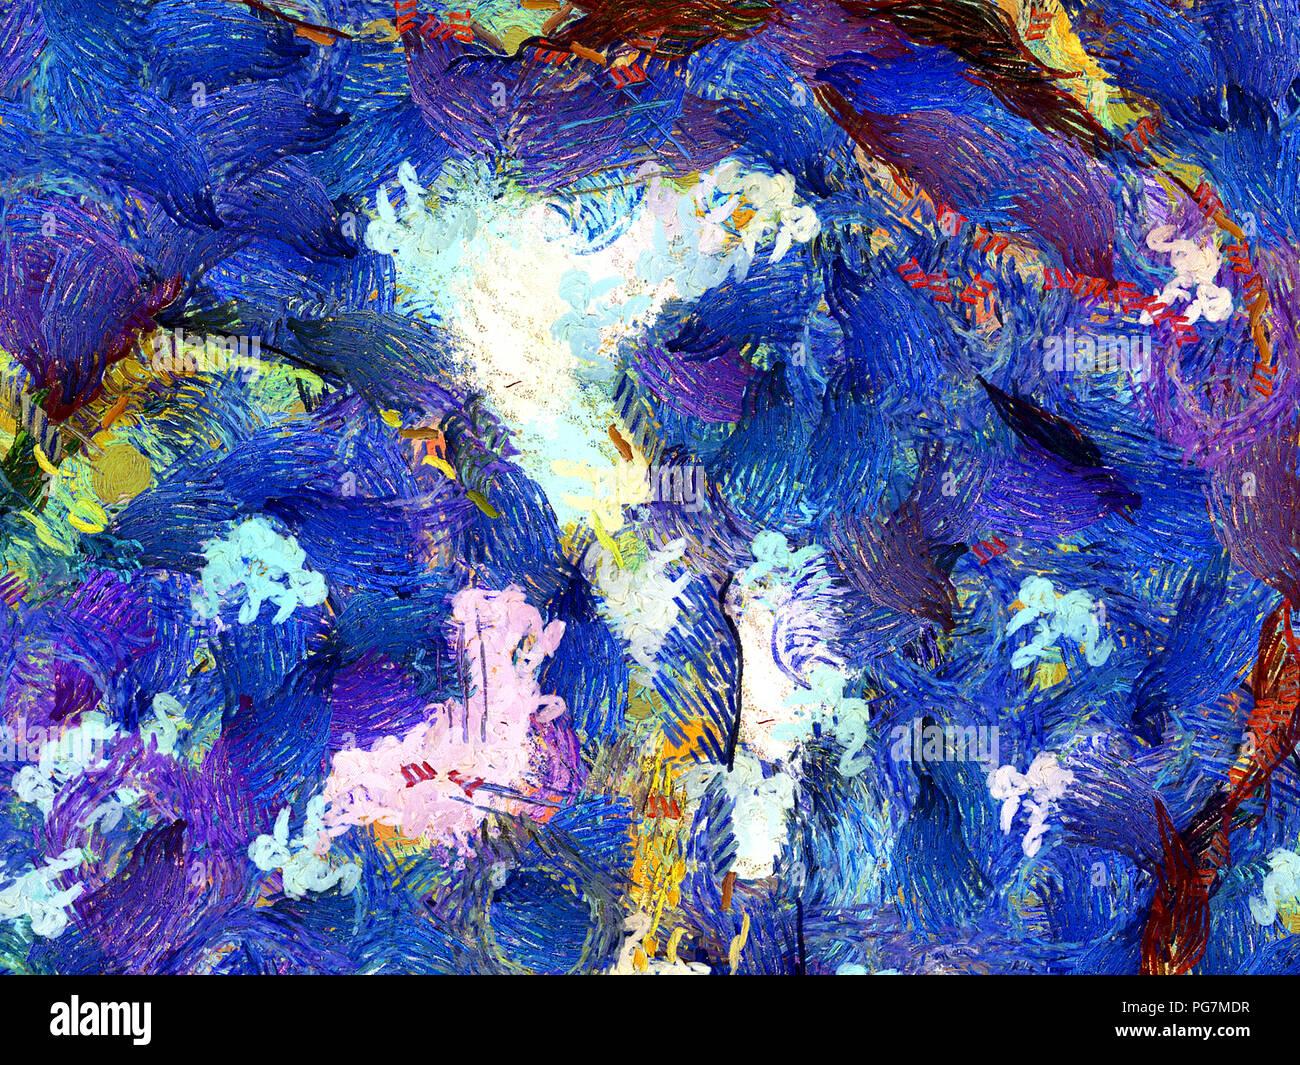 Impressionismo pittura astrazione nel Vincent Van Gogh stile. Morbide pennellate di vernice. Di luminosi colori pastello. Una pittura astratta sfondo. Disegnata a mano Immagini Stock